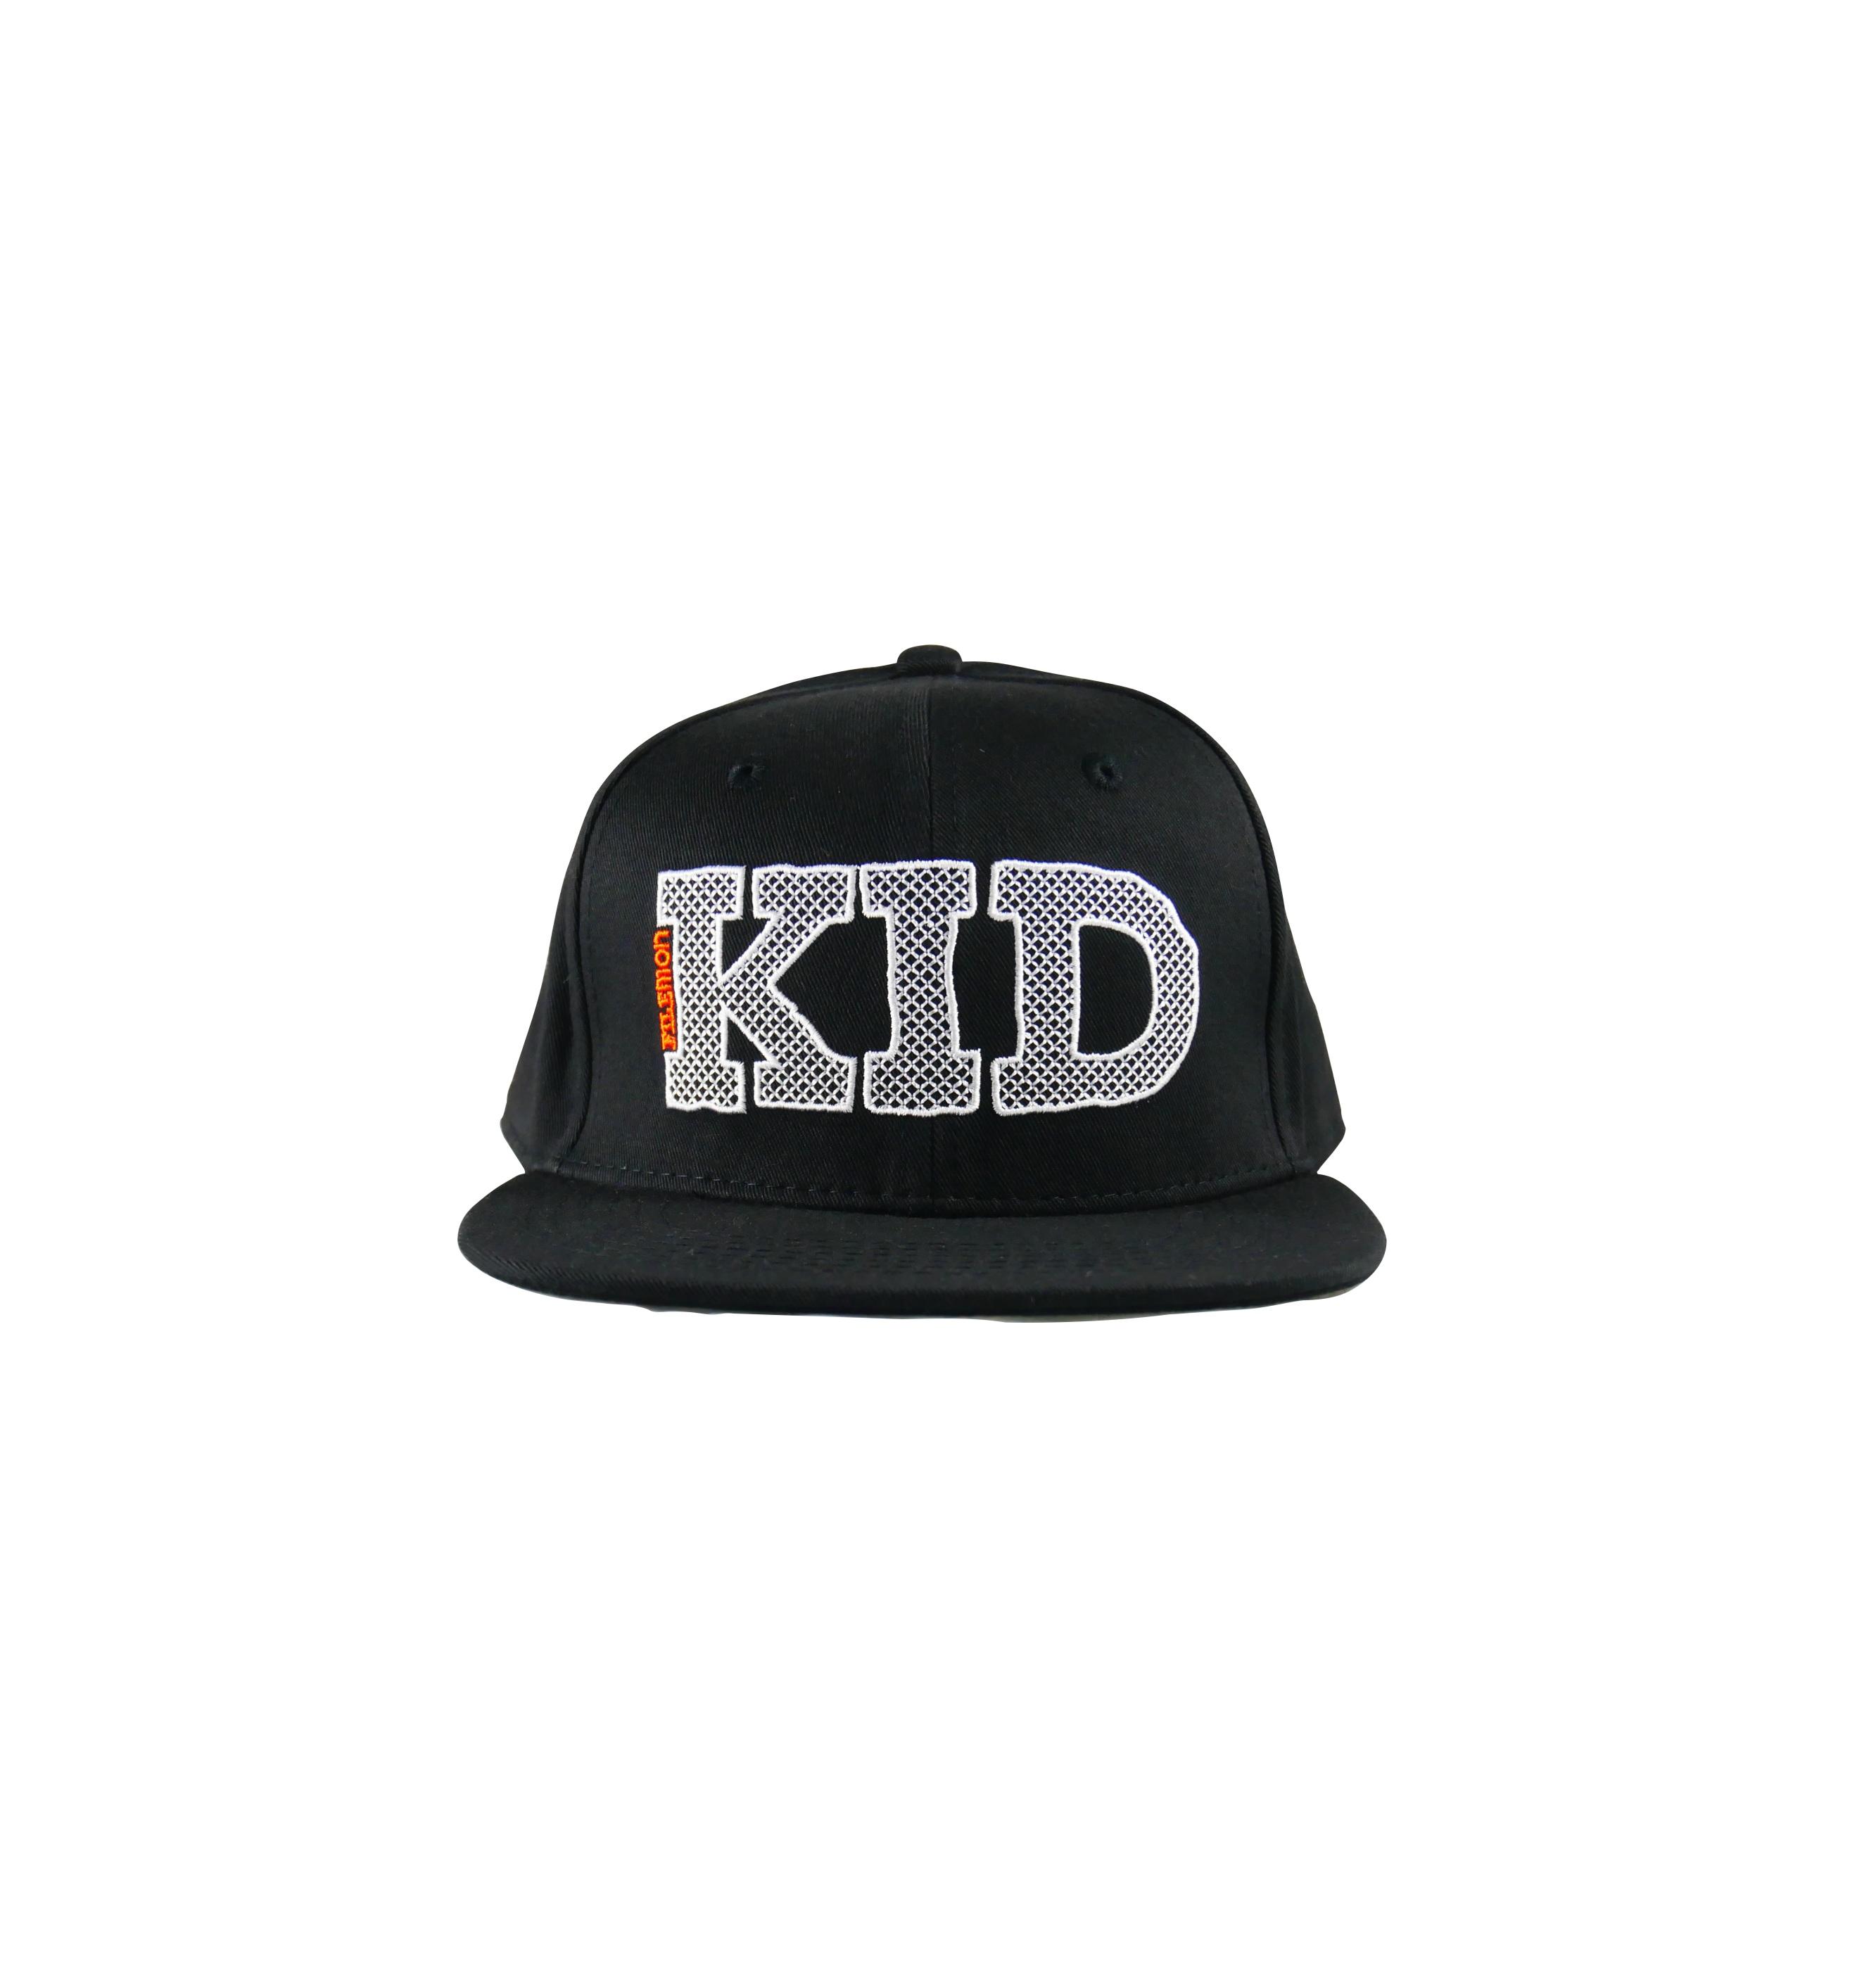 KID cap